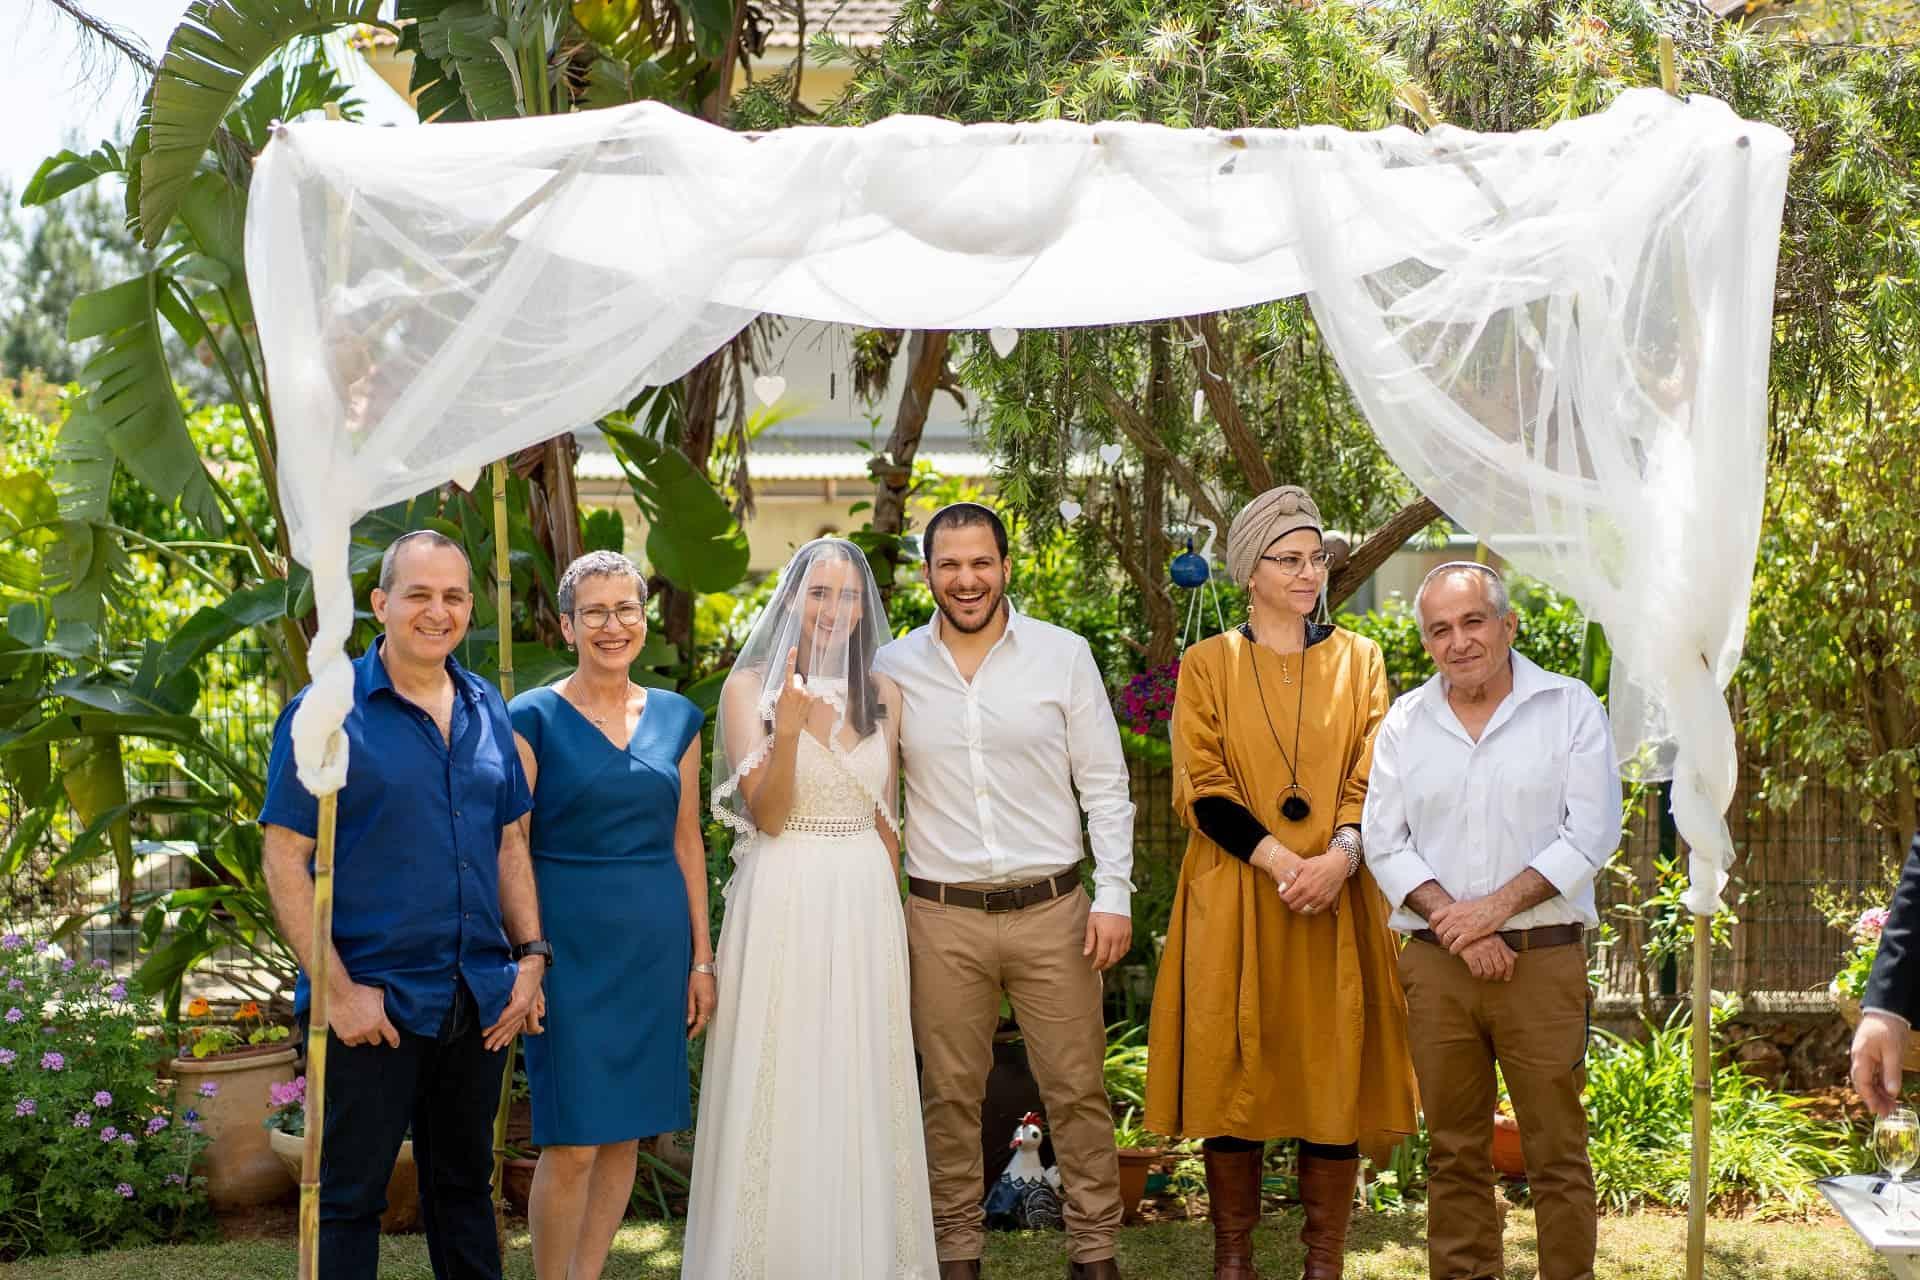 צילומי משפחה בחתונה